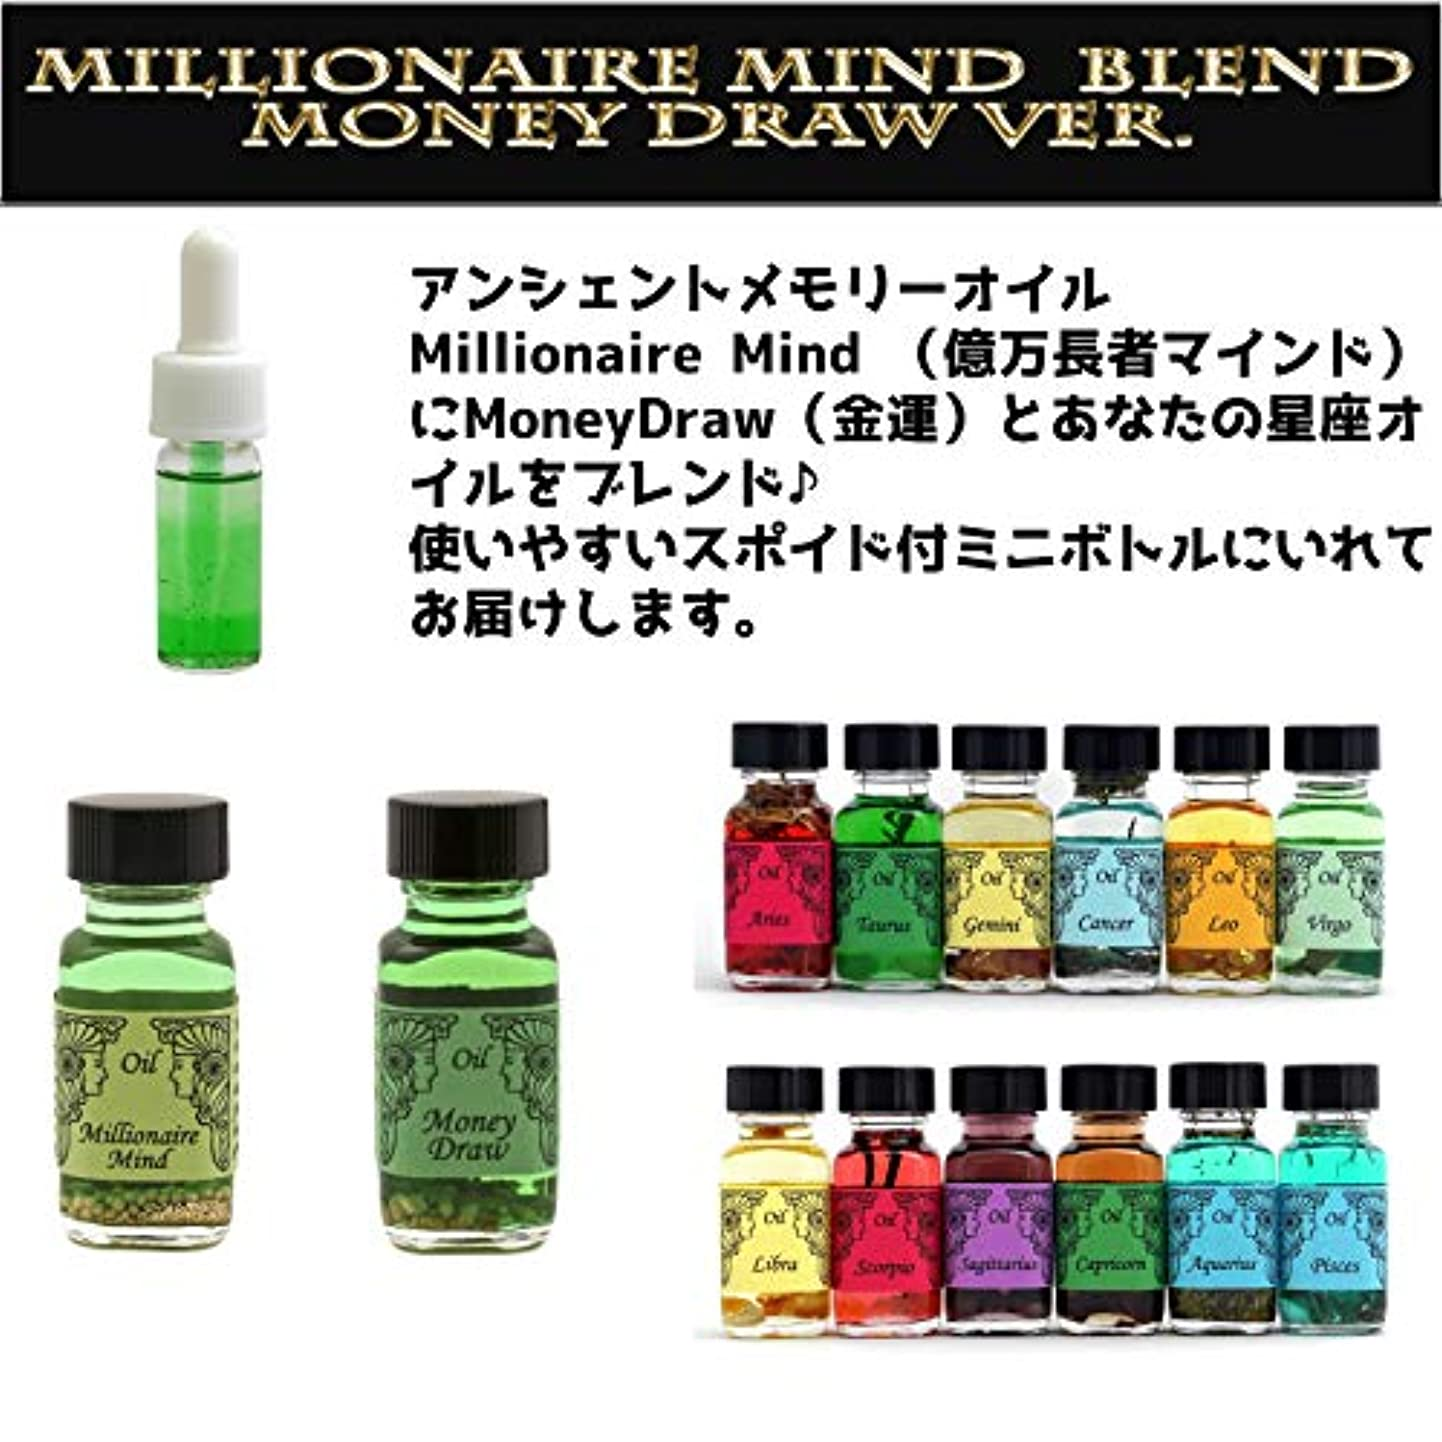 歌詞位置づける一過性アンシェントメモリーオイル Millionaire Mind 億万長者マインド ブレンド(Money Drawマネードロー(金運)&てんびん座